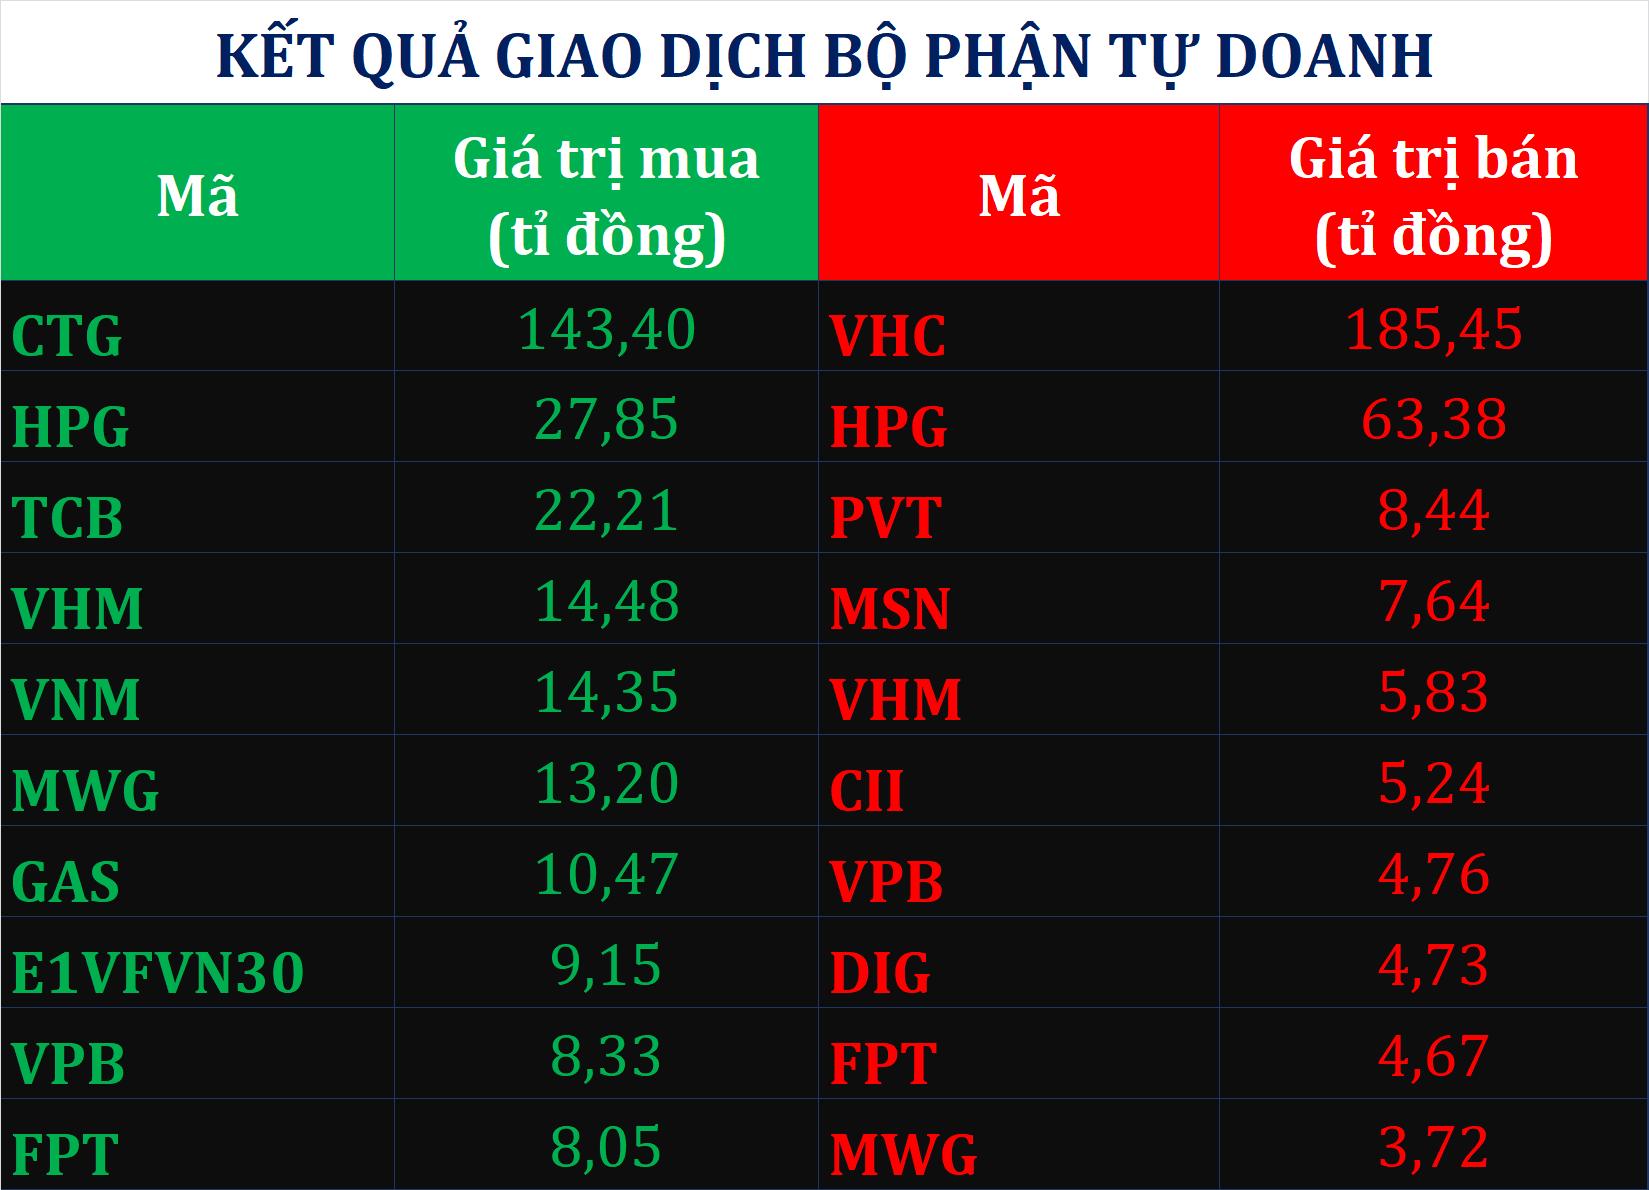 Dòng tiền thông minh 13/10: Tự doanh chốt lời mã VHC, HPG khi giá cổ phiếu đạt đỉnh - Ảnh 1.